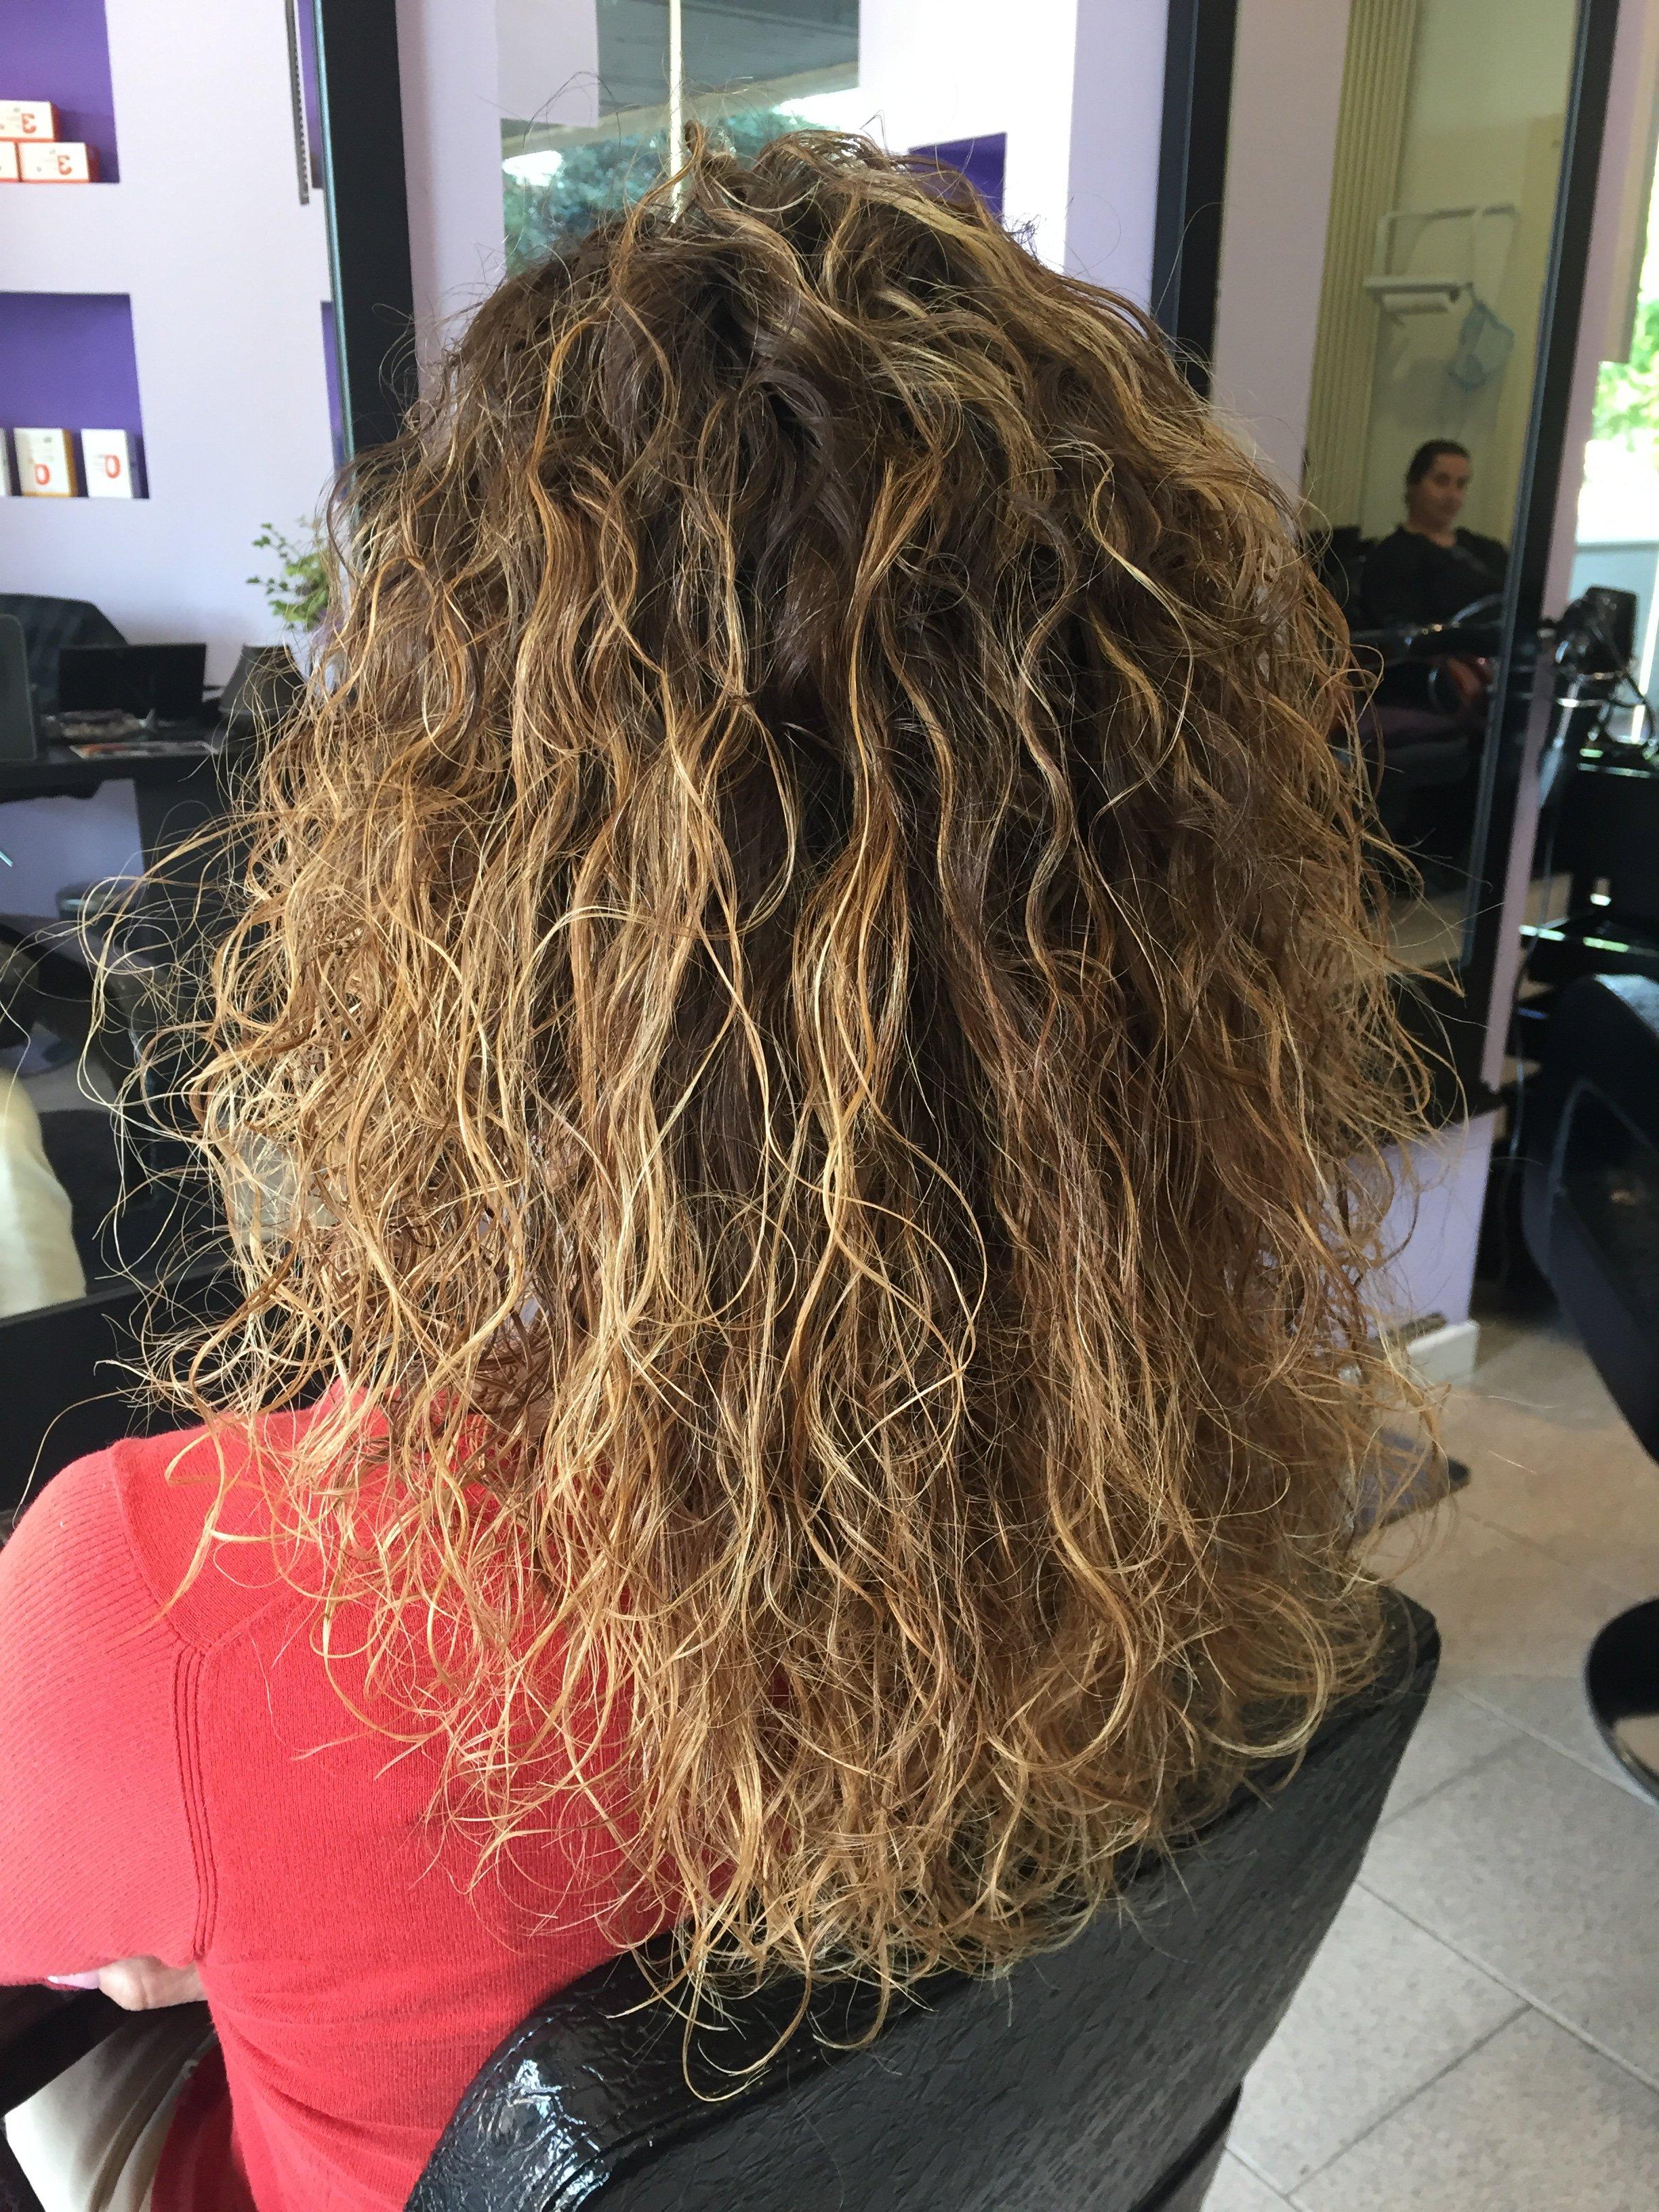 una donna con capelli castani mossi